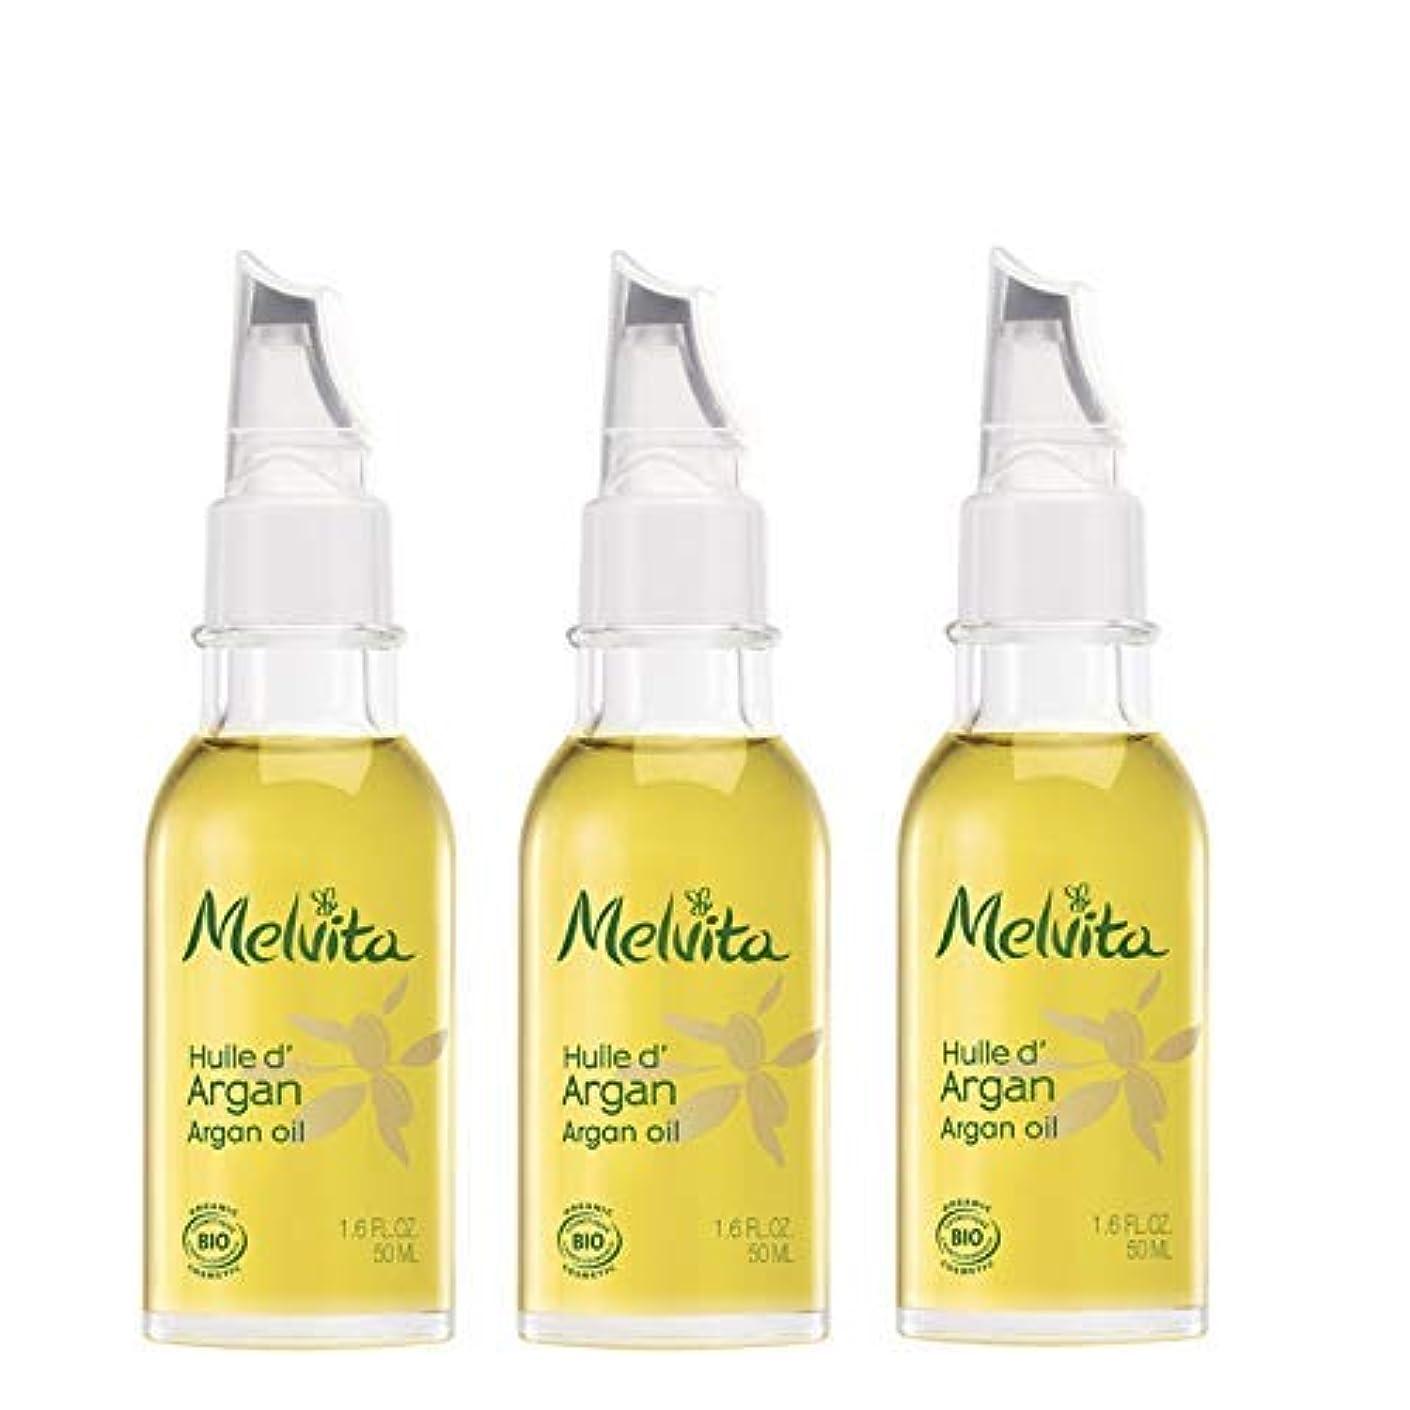 提案期待してテザーメルヴィータ (Melvita) ビオオイル アルガンオイル 50ml【3本セット】[並行輸入品]